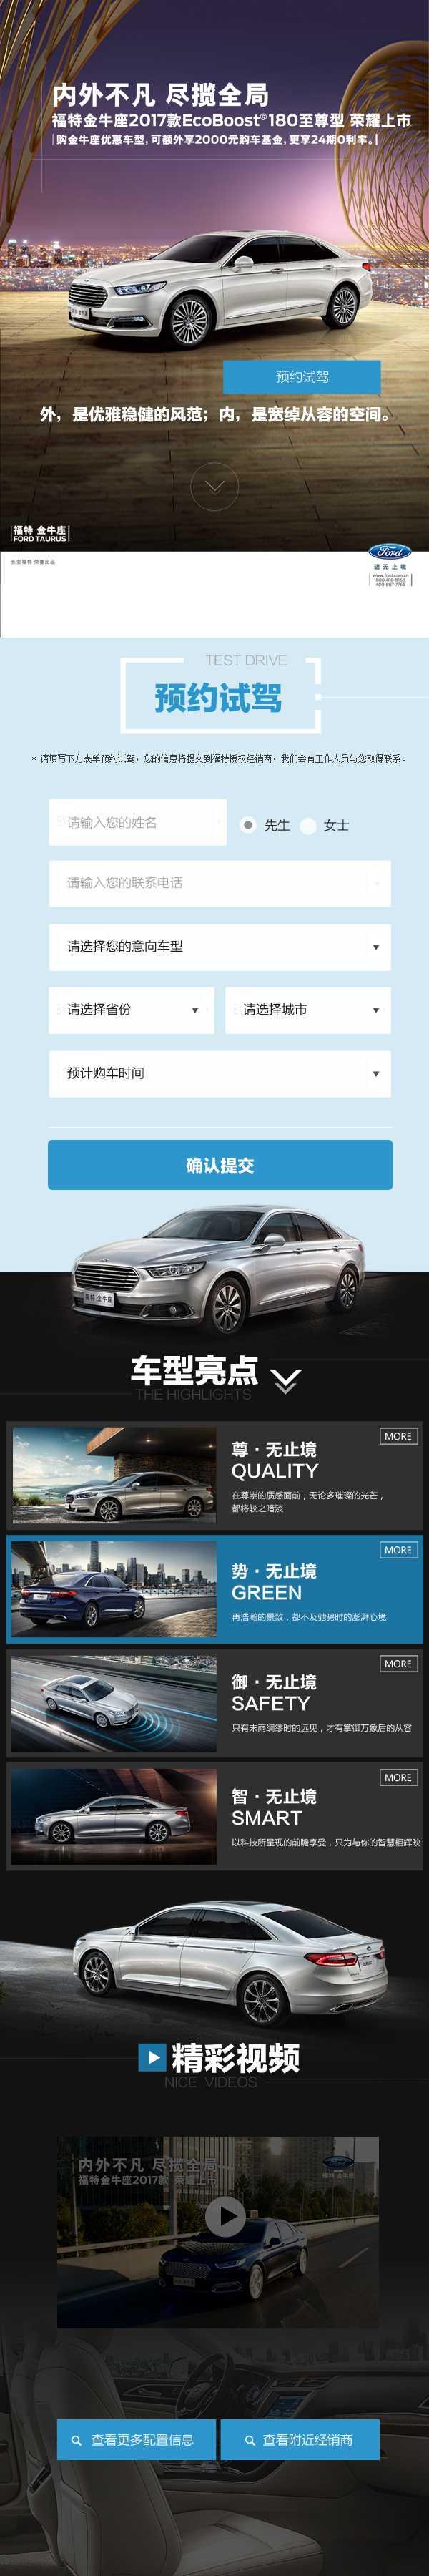 长安福特汽车专题手机页面模板